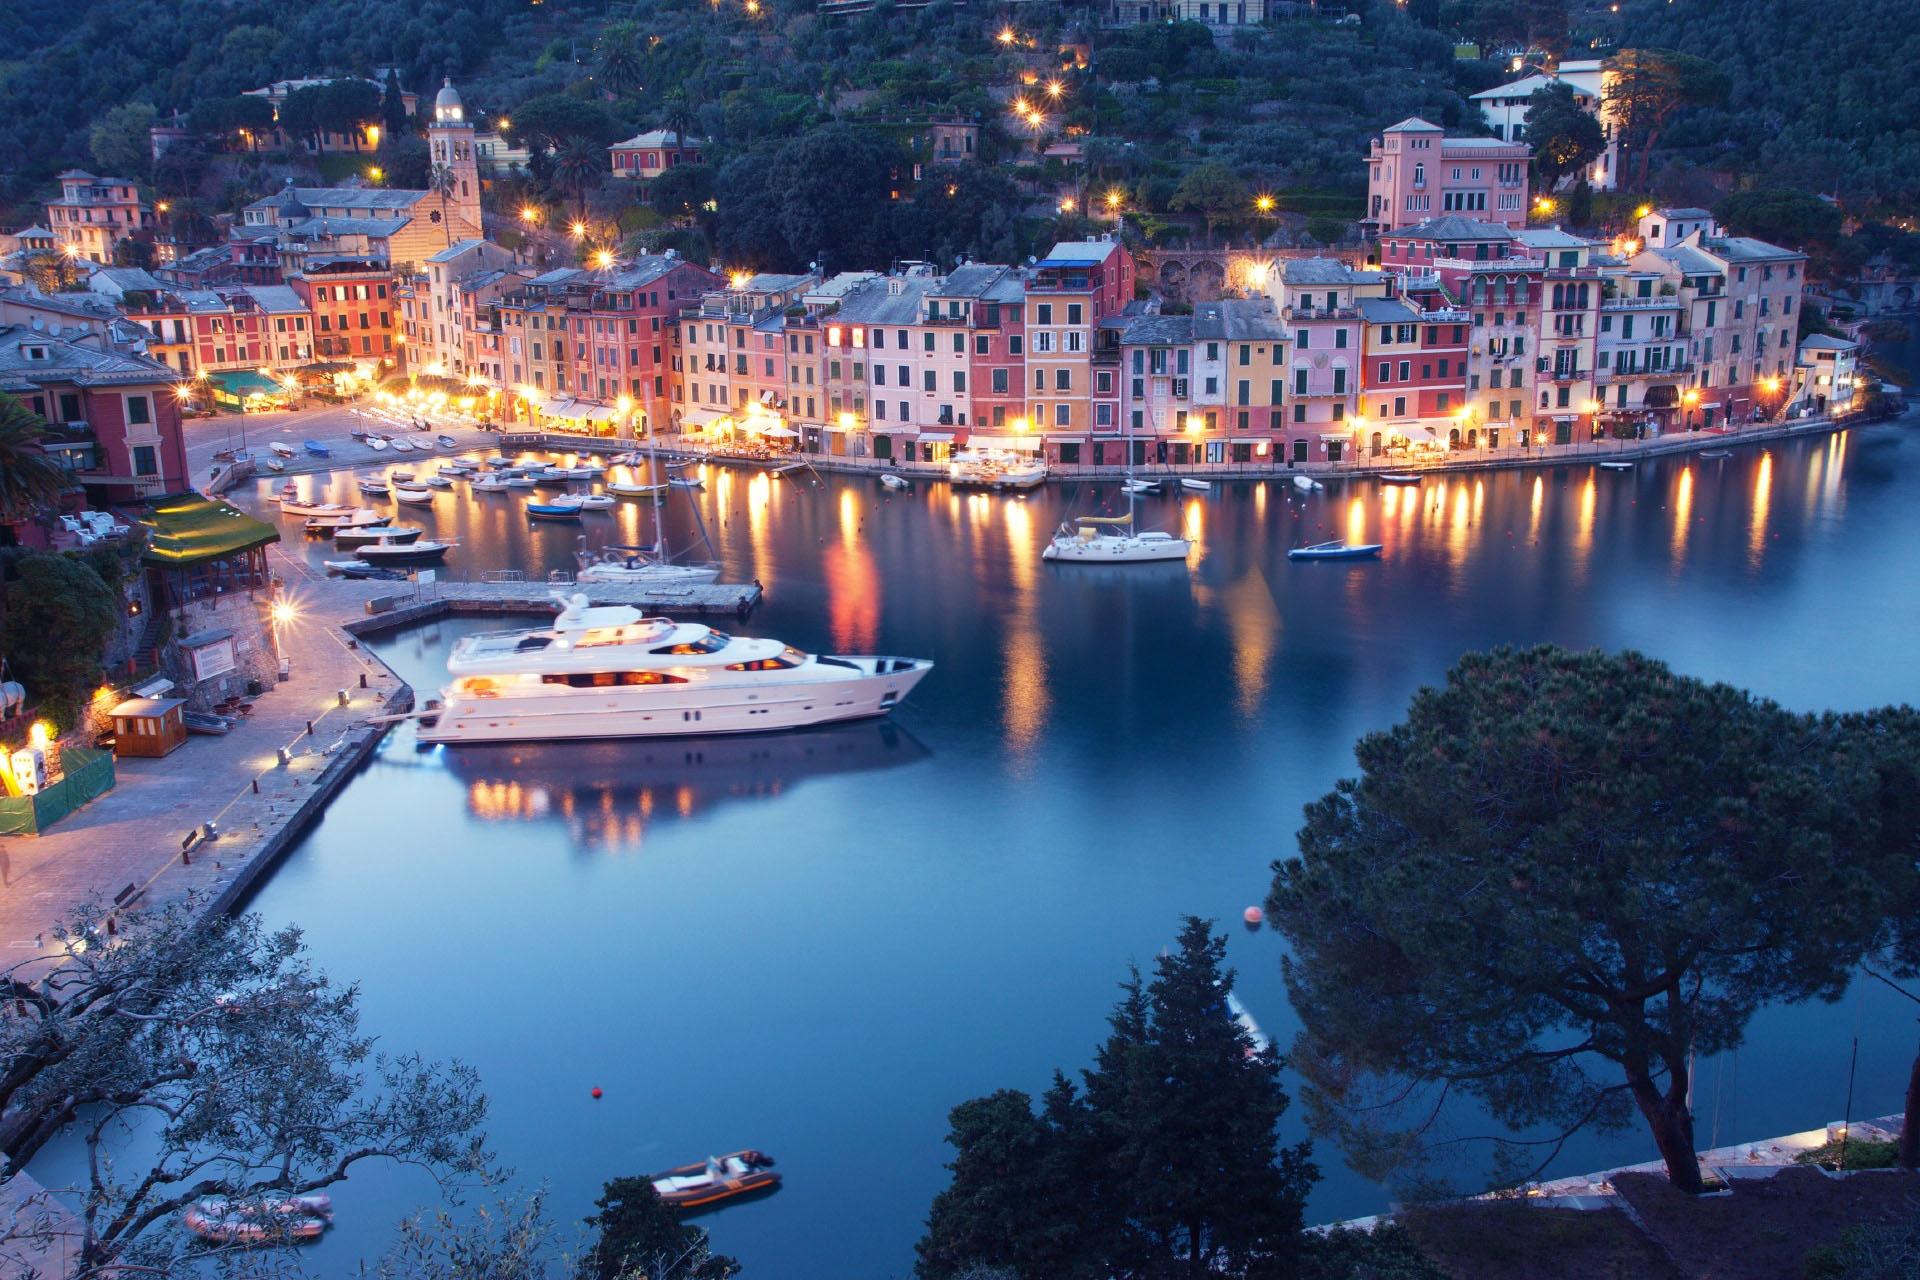 ポルトフィーノの夕暮れ風景